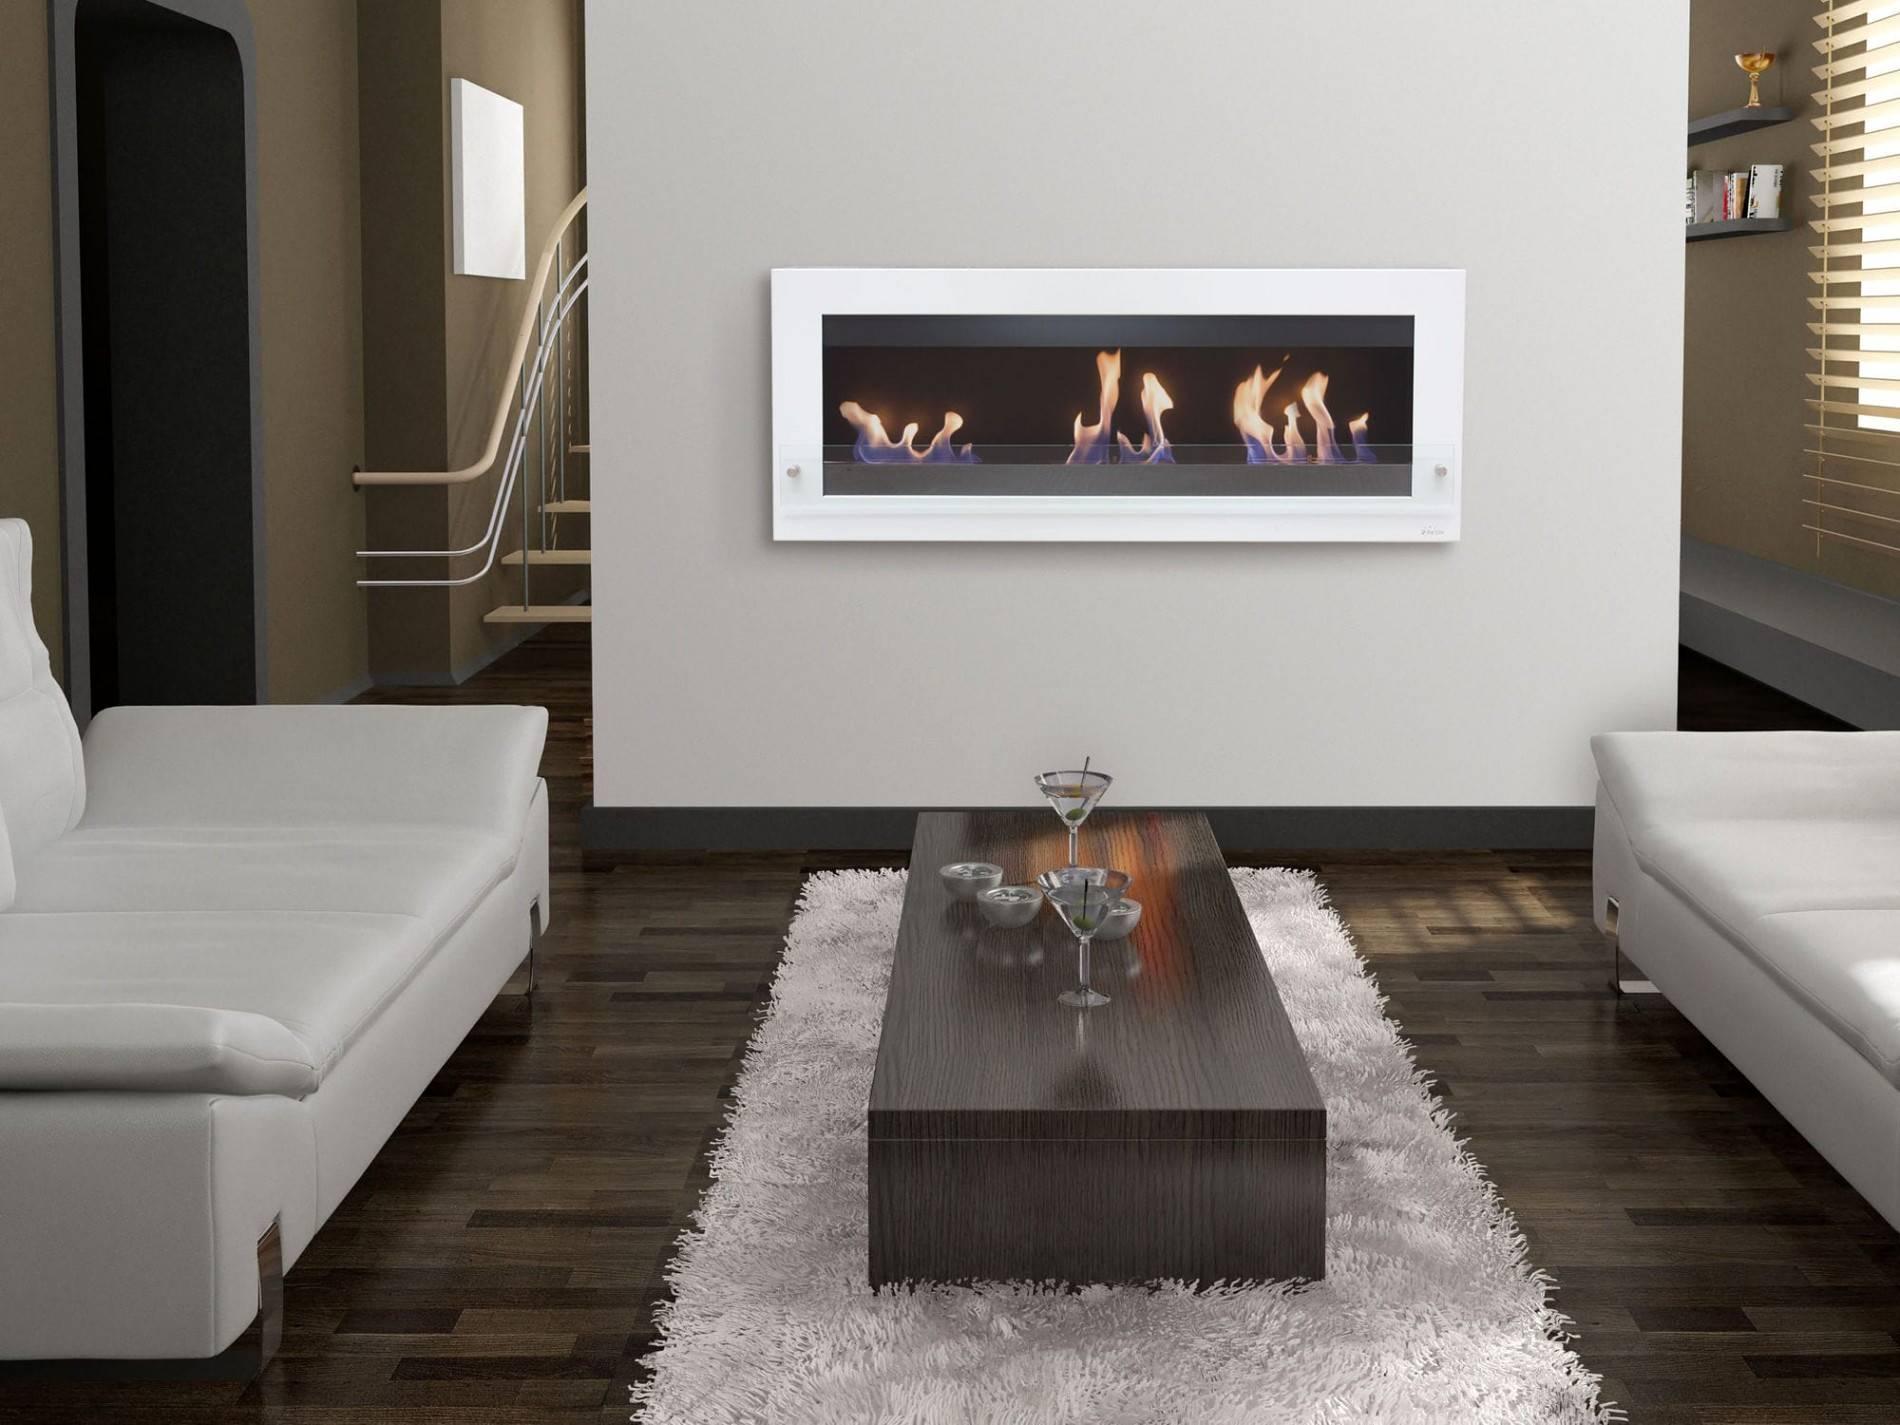 interior design wohnzimmer inspirational kaminofen kaufen elegant wohnzimmer mit kamin bilder ebenfalls of interior design wohnzimmer